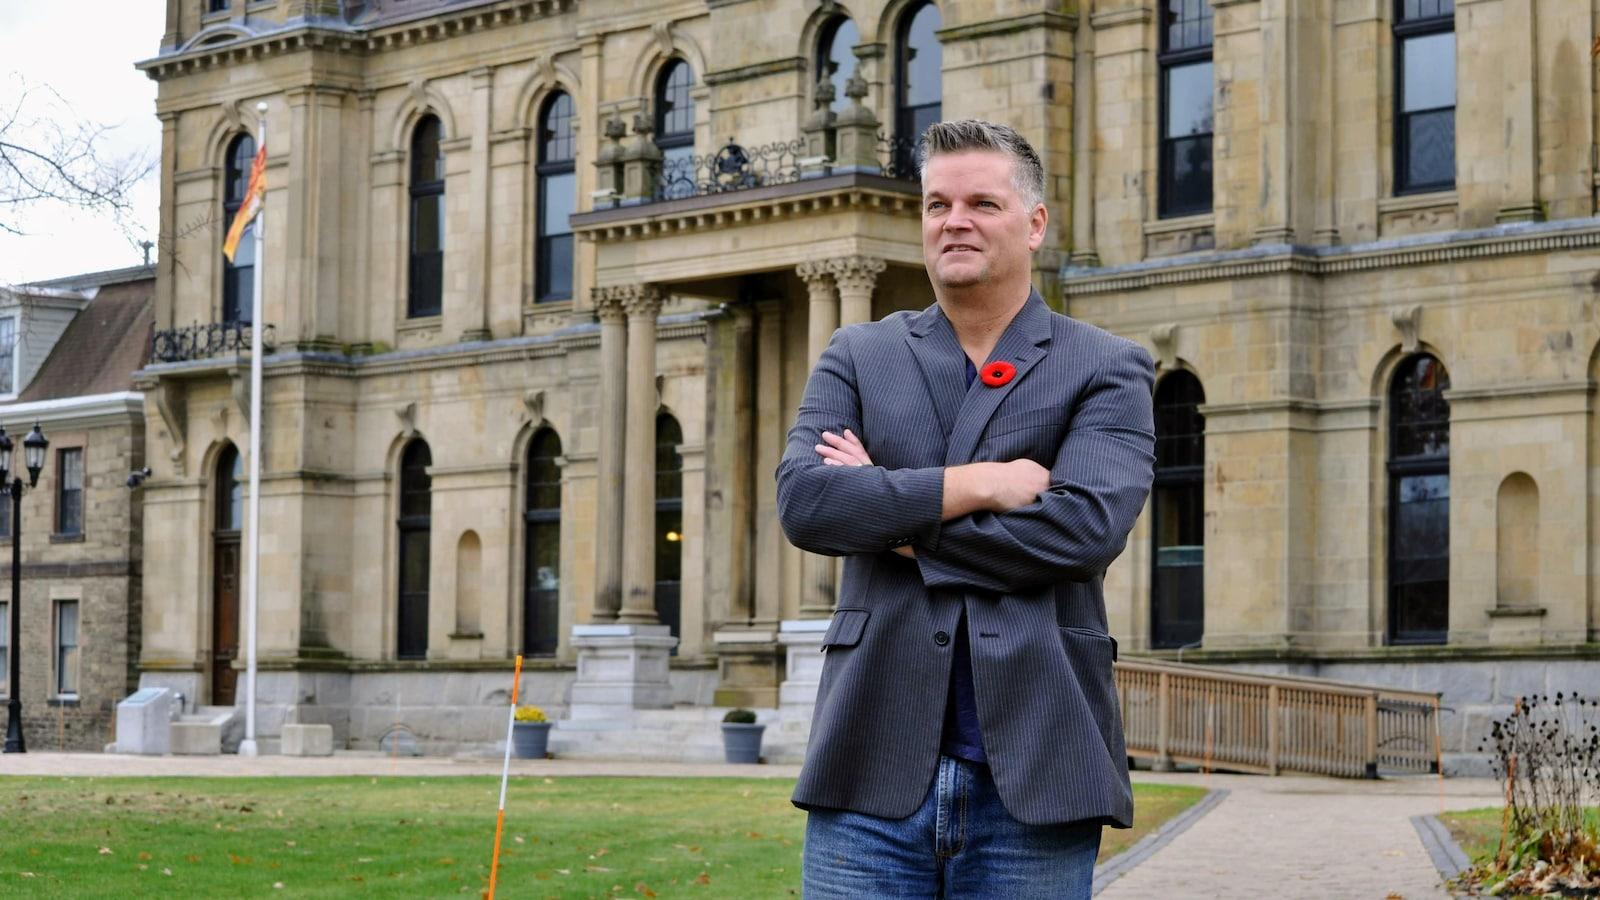 Robert Gauvin devant l'Assemblée législative du Nouveau-Brunswick.